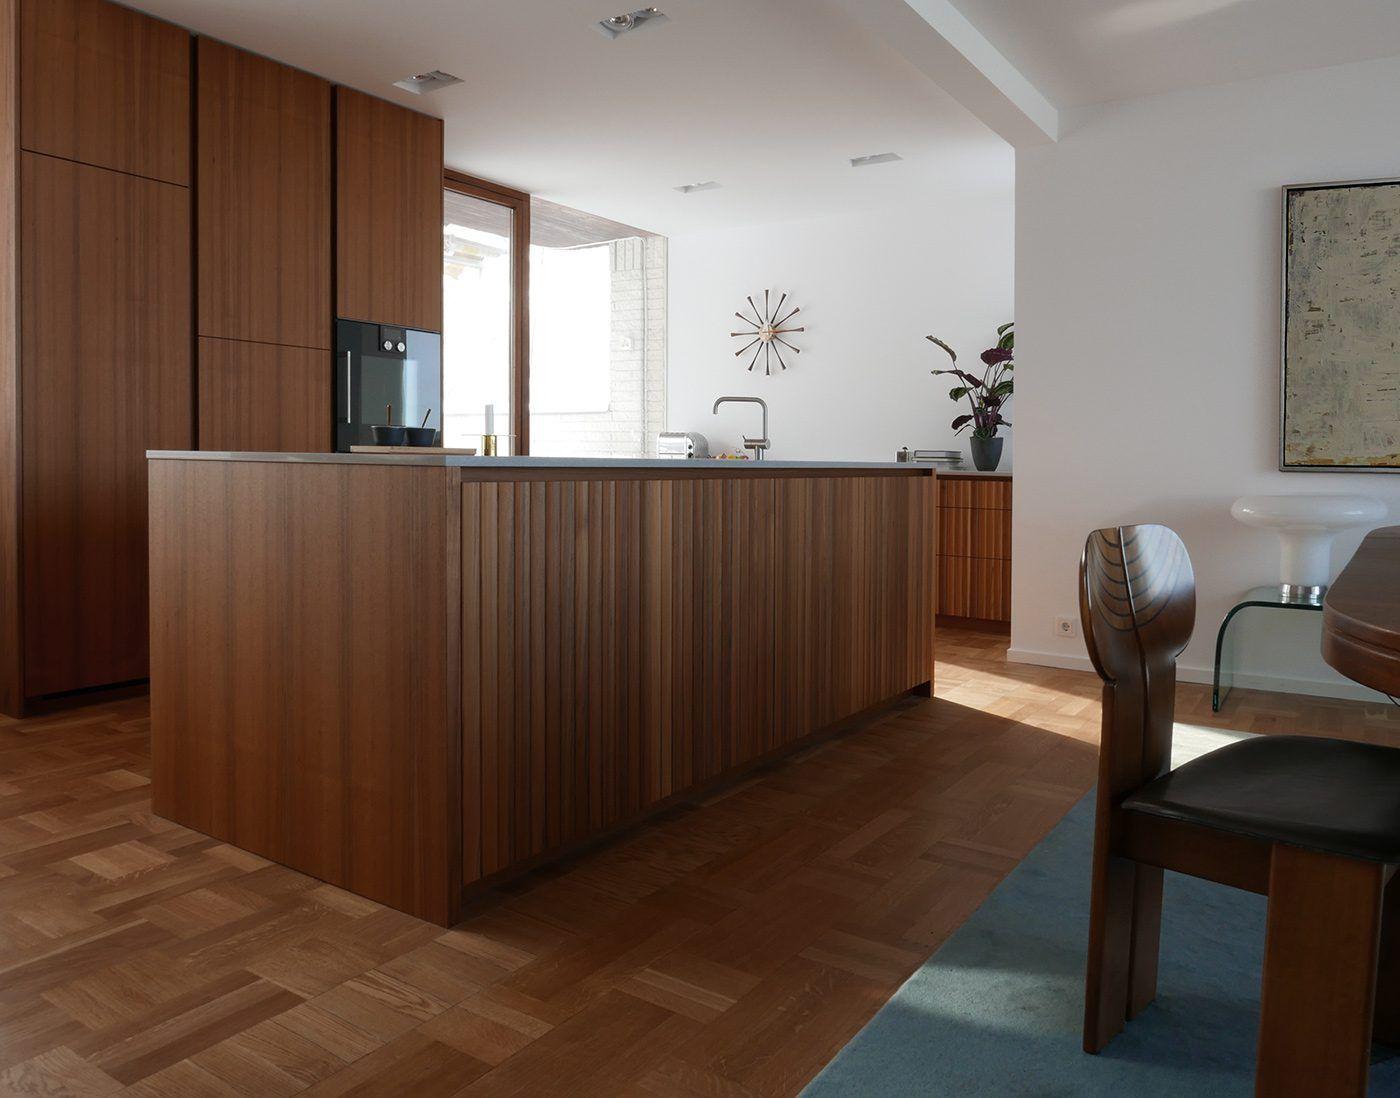 Kitchen Designed By Joanna Laven Teak Kitchen Custom Built Kitchen Kfk Snickeri Modern Kitchen Modern Teak Kitchen Woodwork Kitchen Desig Snickerier